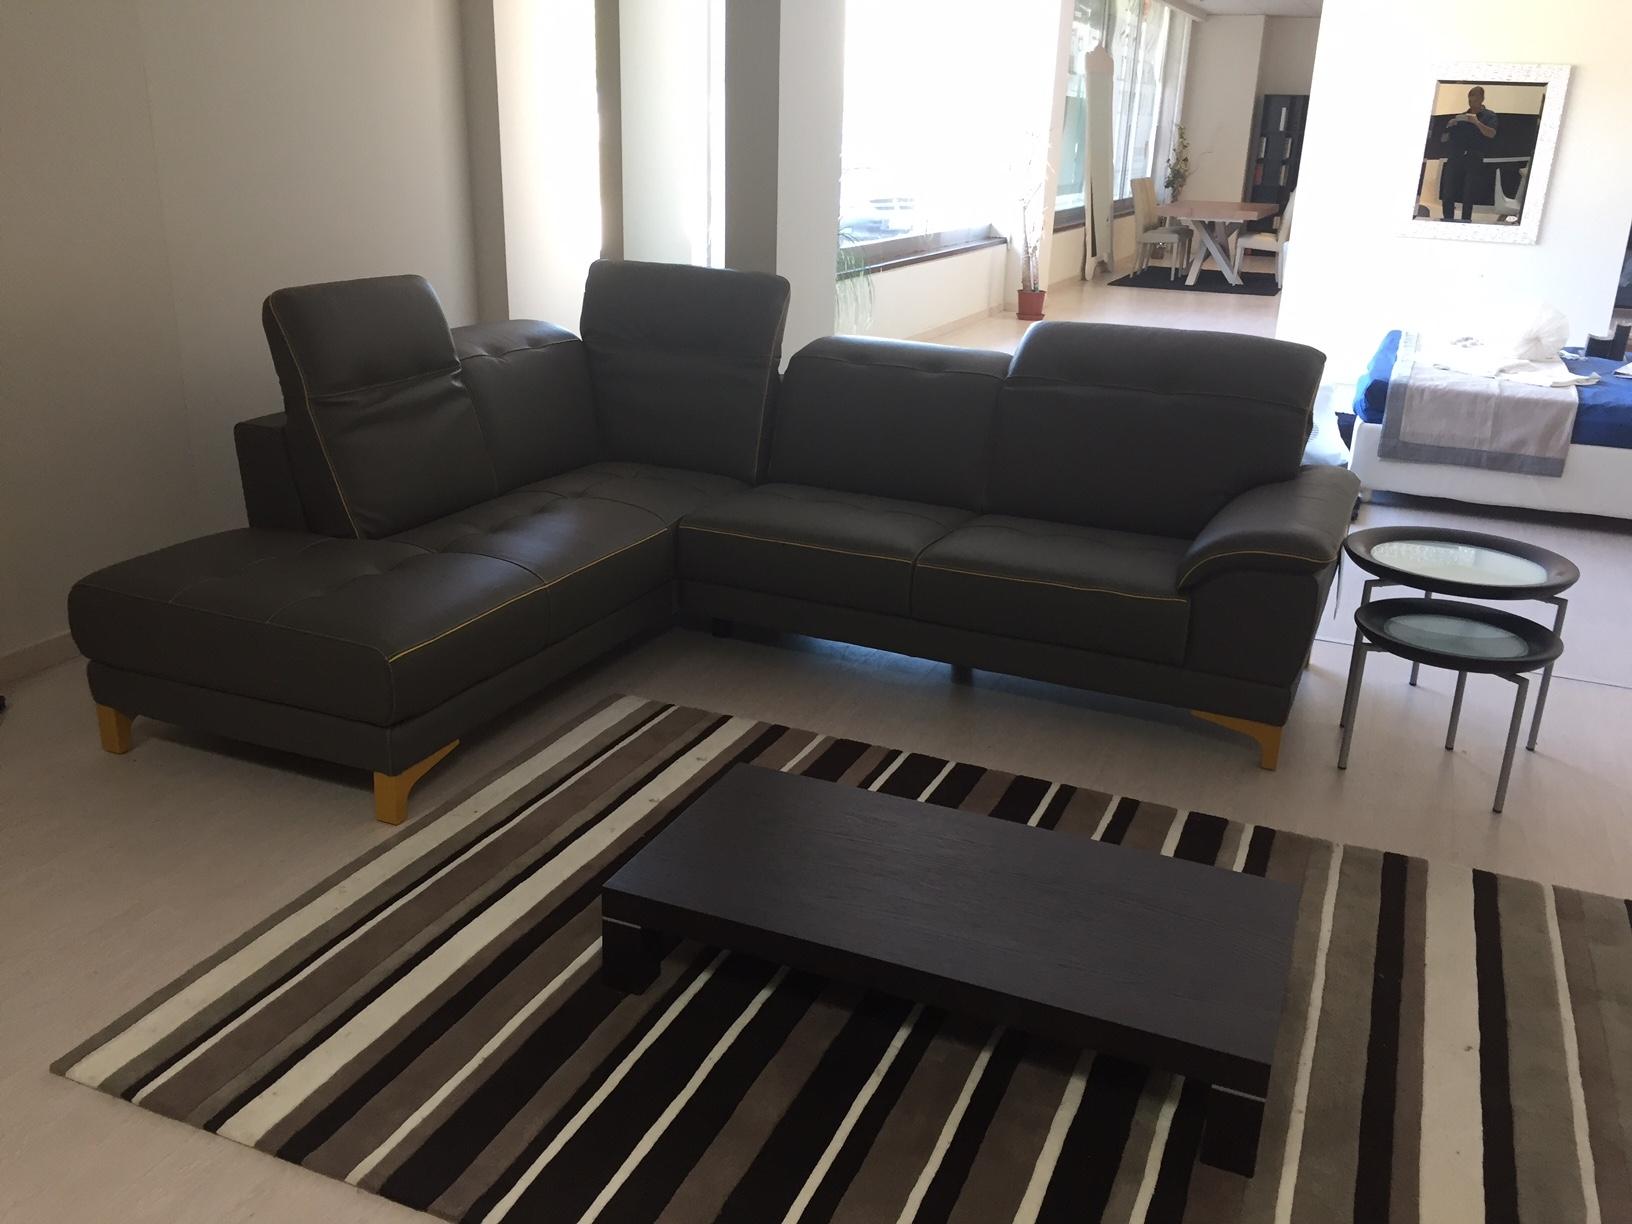 Divani angolari prezzi divani treviso angolari prezzo for Outlet divani mondo convenienza